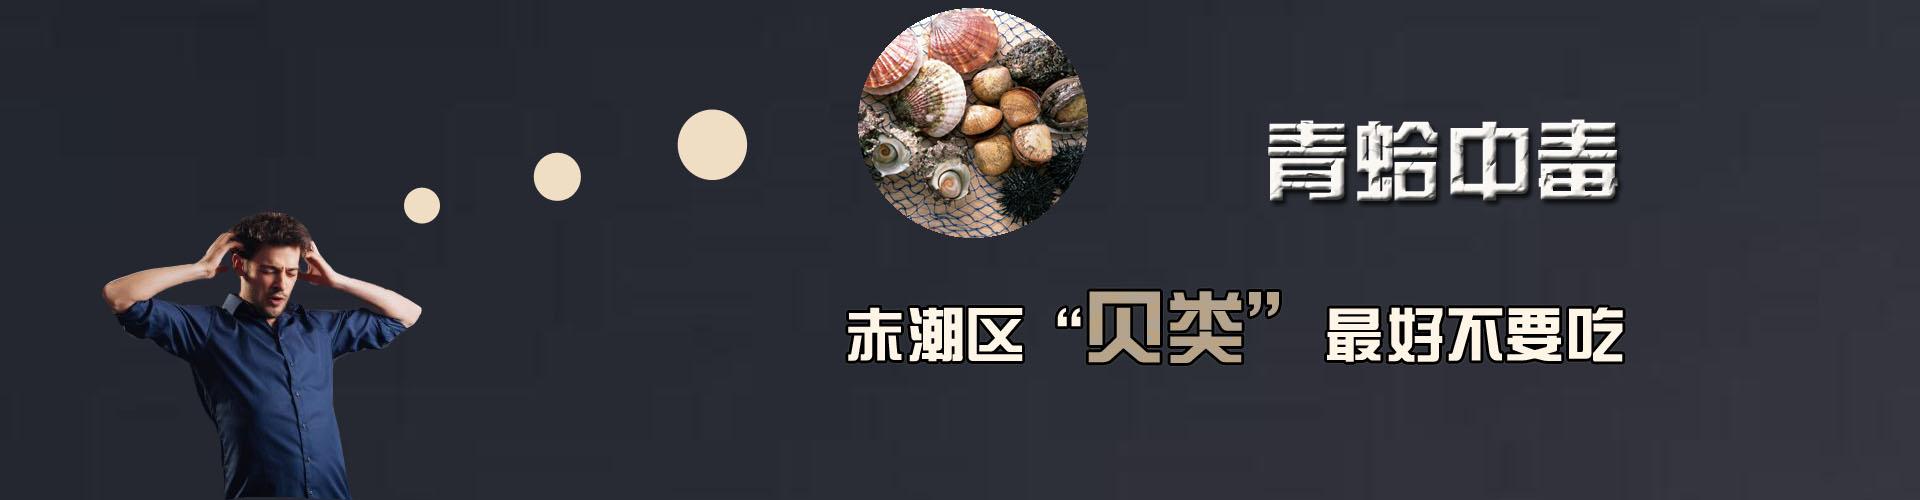 福建爆发罕见赤潮 贝类海鲜最好不要吃